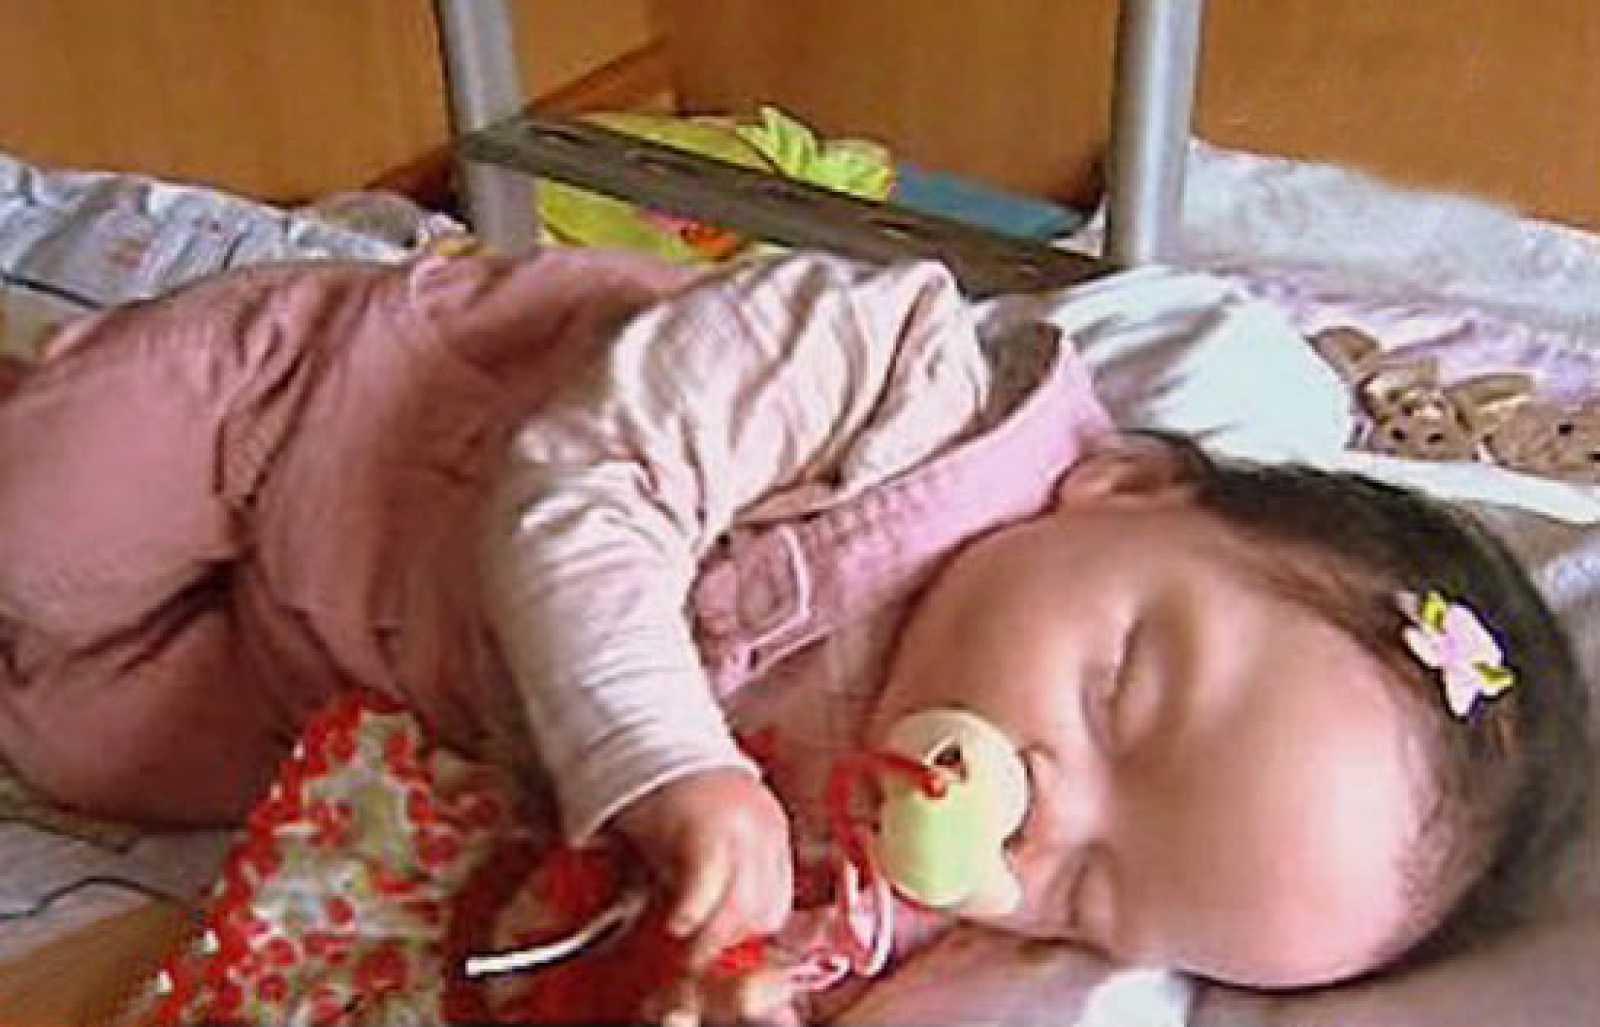 05244c8d7 España Directo - Muñecos como bebés - RTVE.es